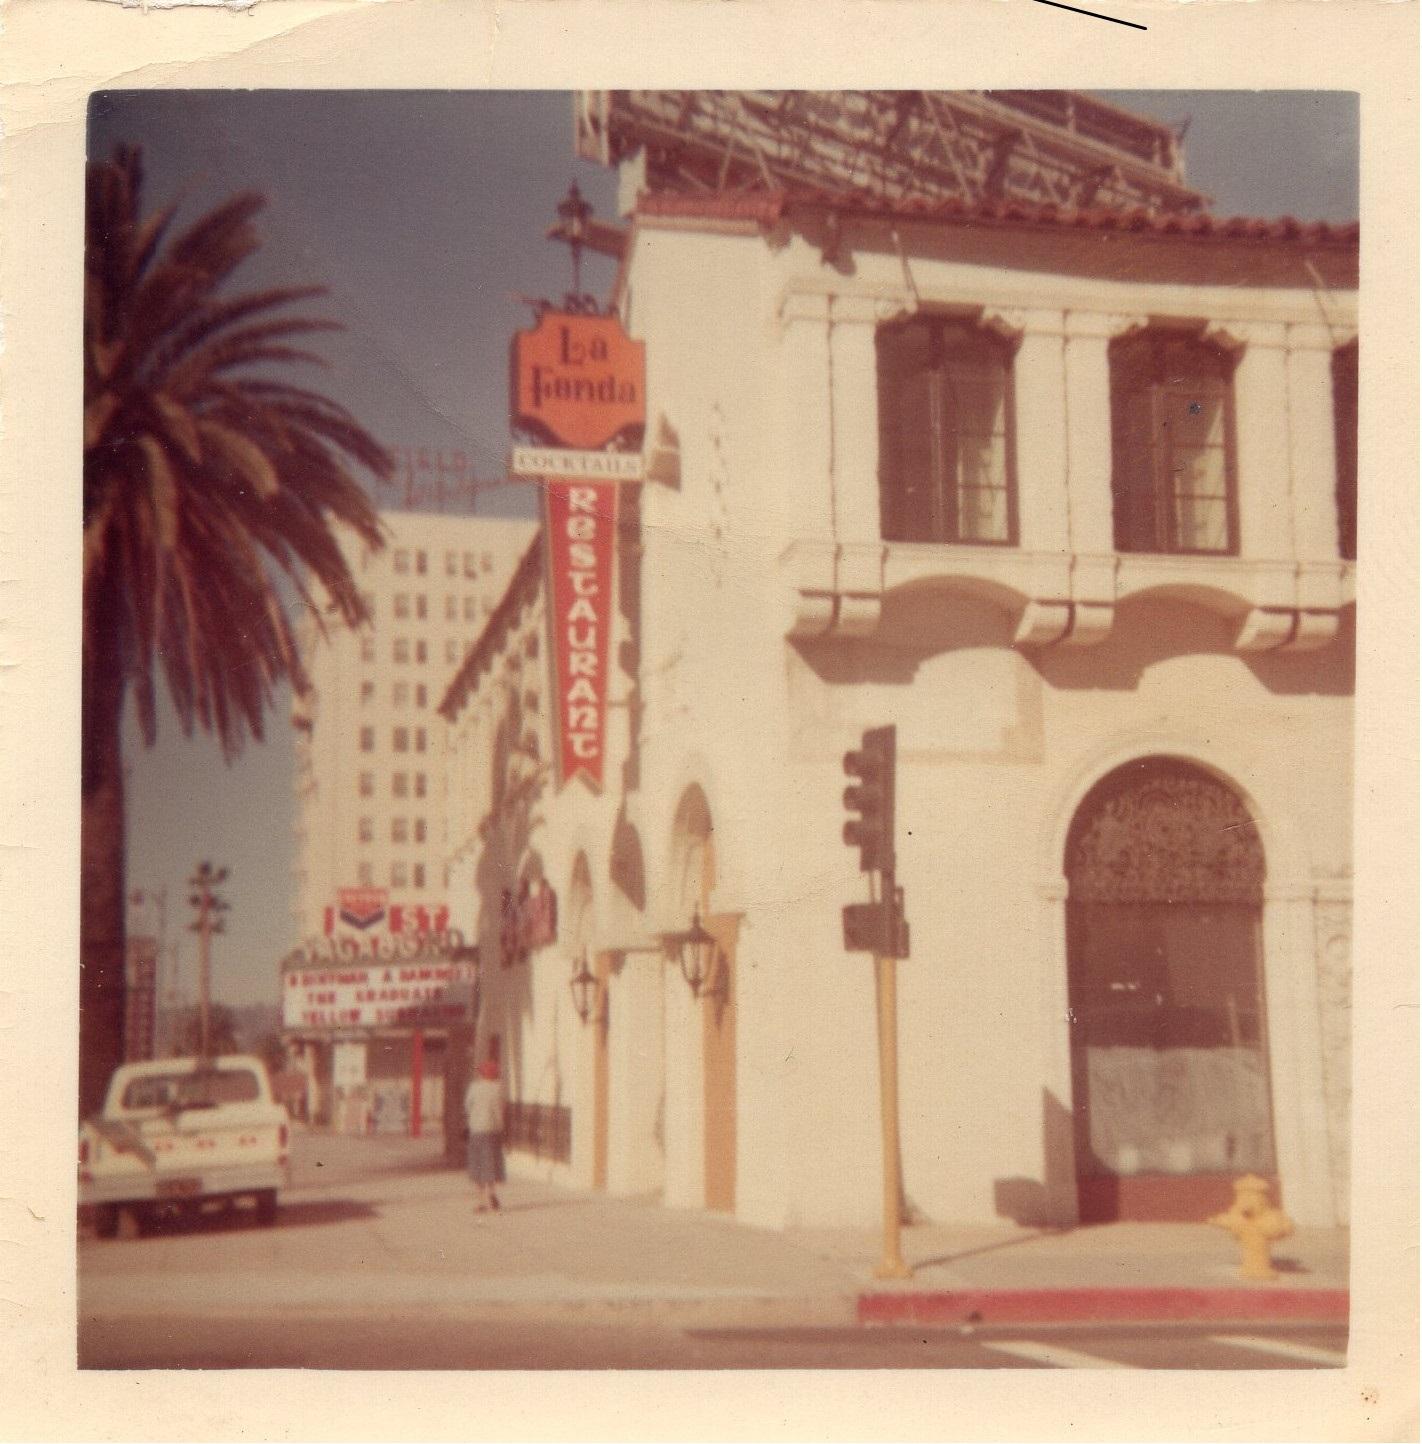 Vintage La Fonda 1969